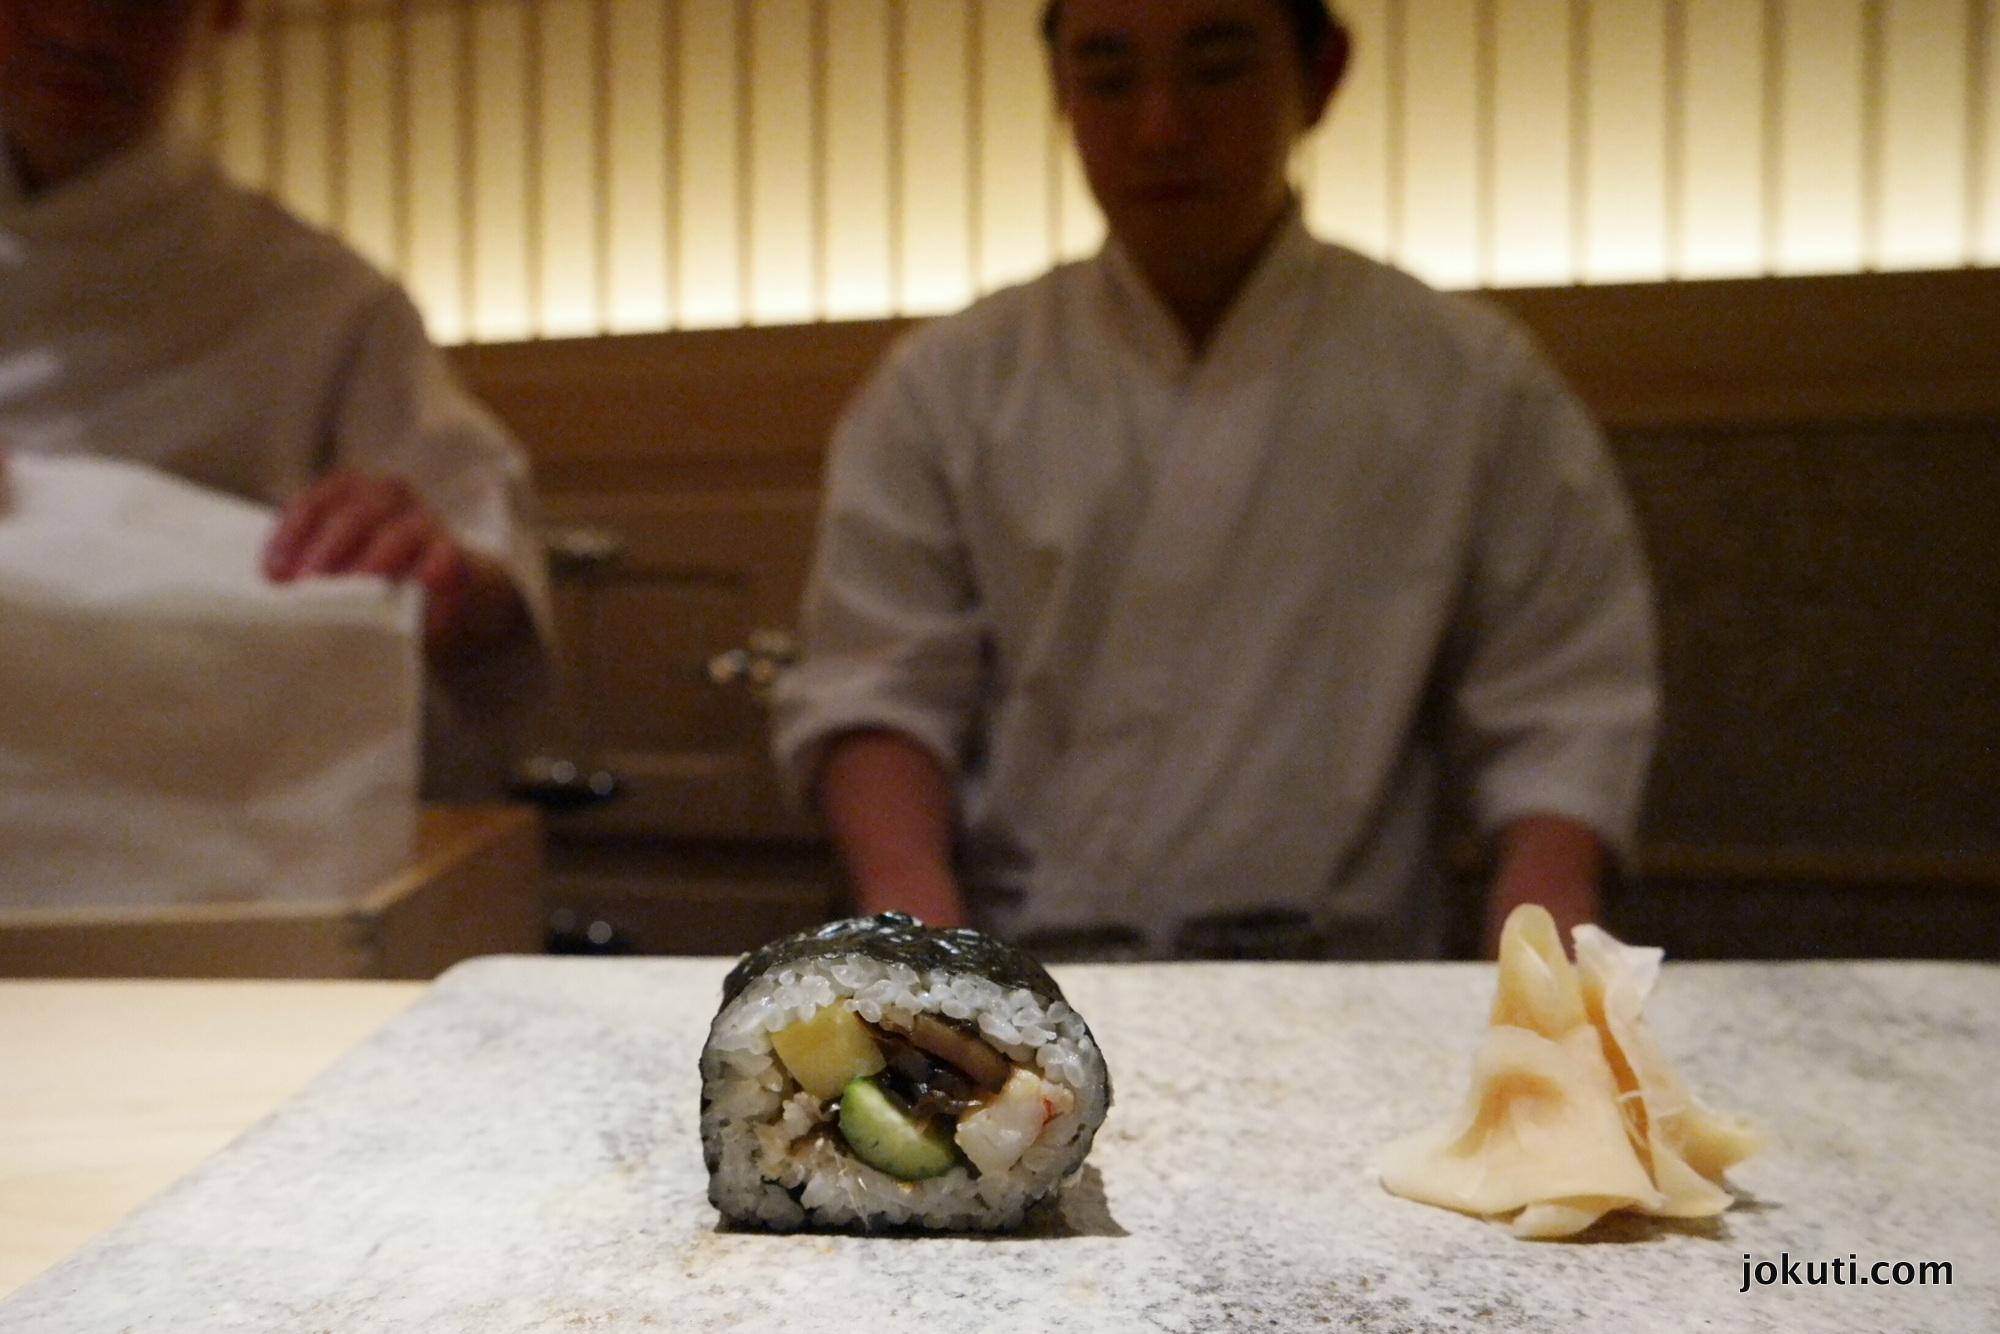 Futomaki (anago (tengeri angolna), tamago (tojás), garnéla, kanpyo (tökféle, szárítva kerül bele), uborka)<br />